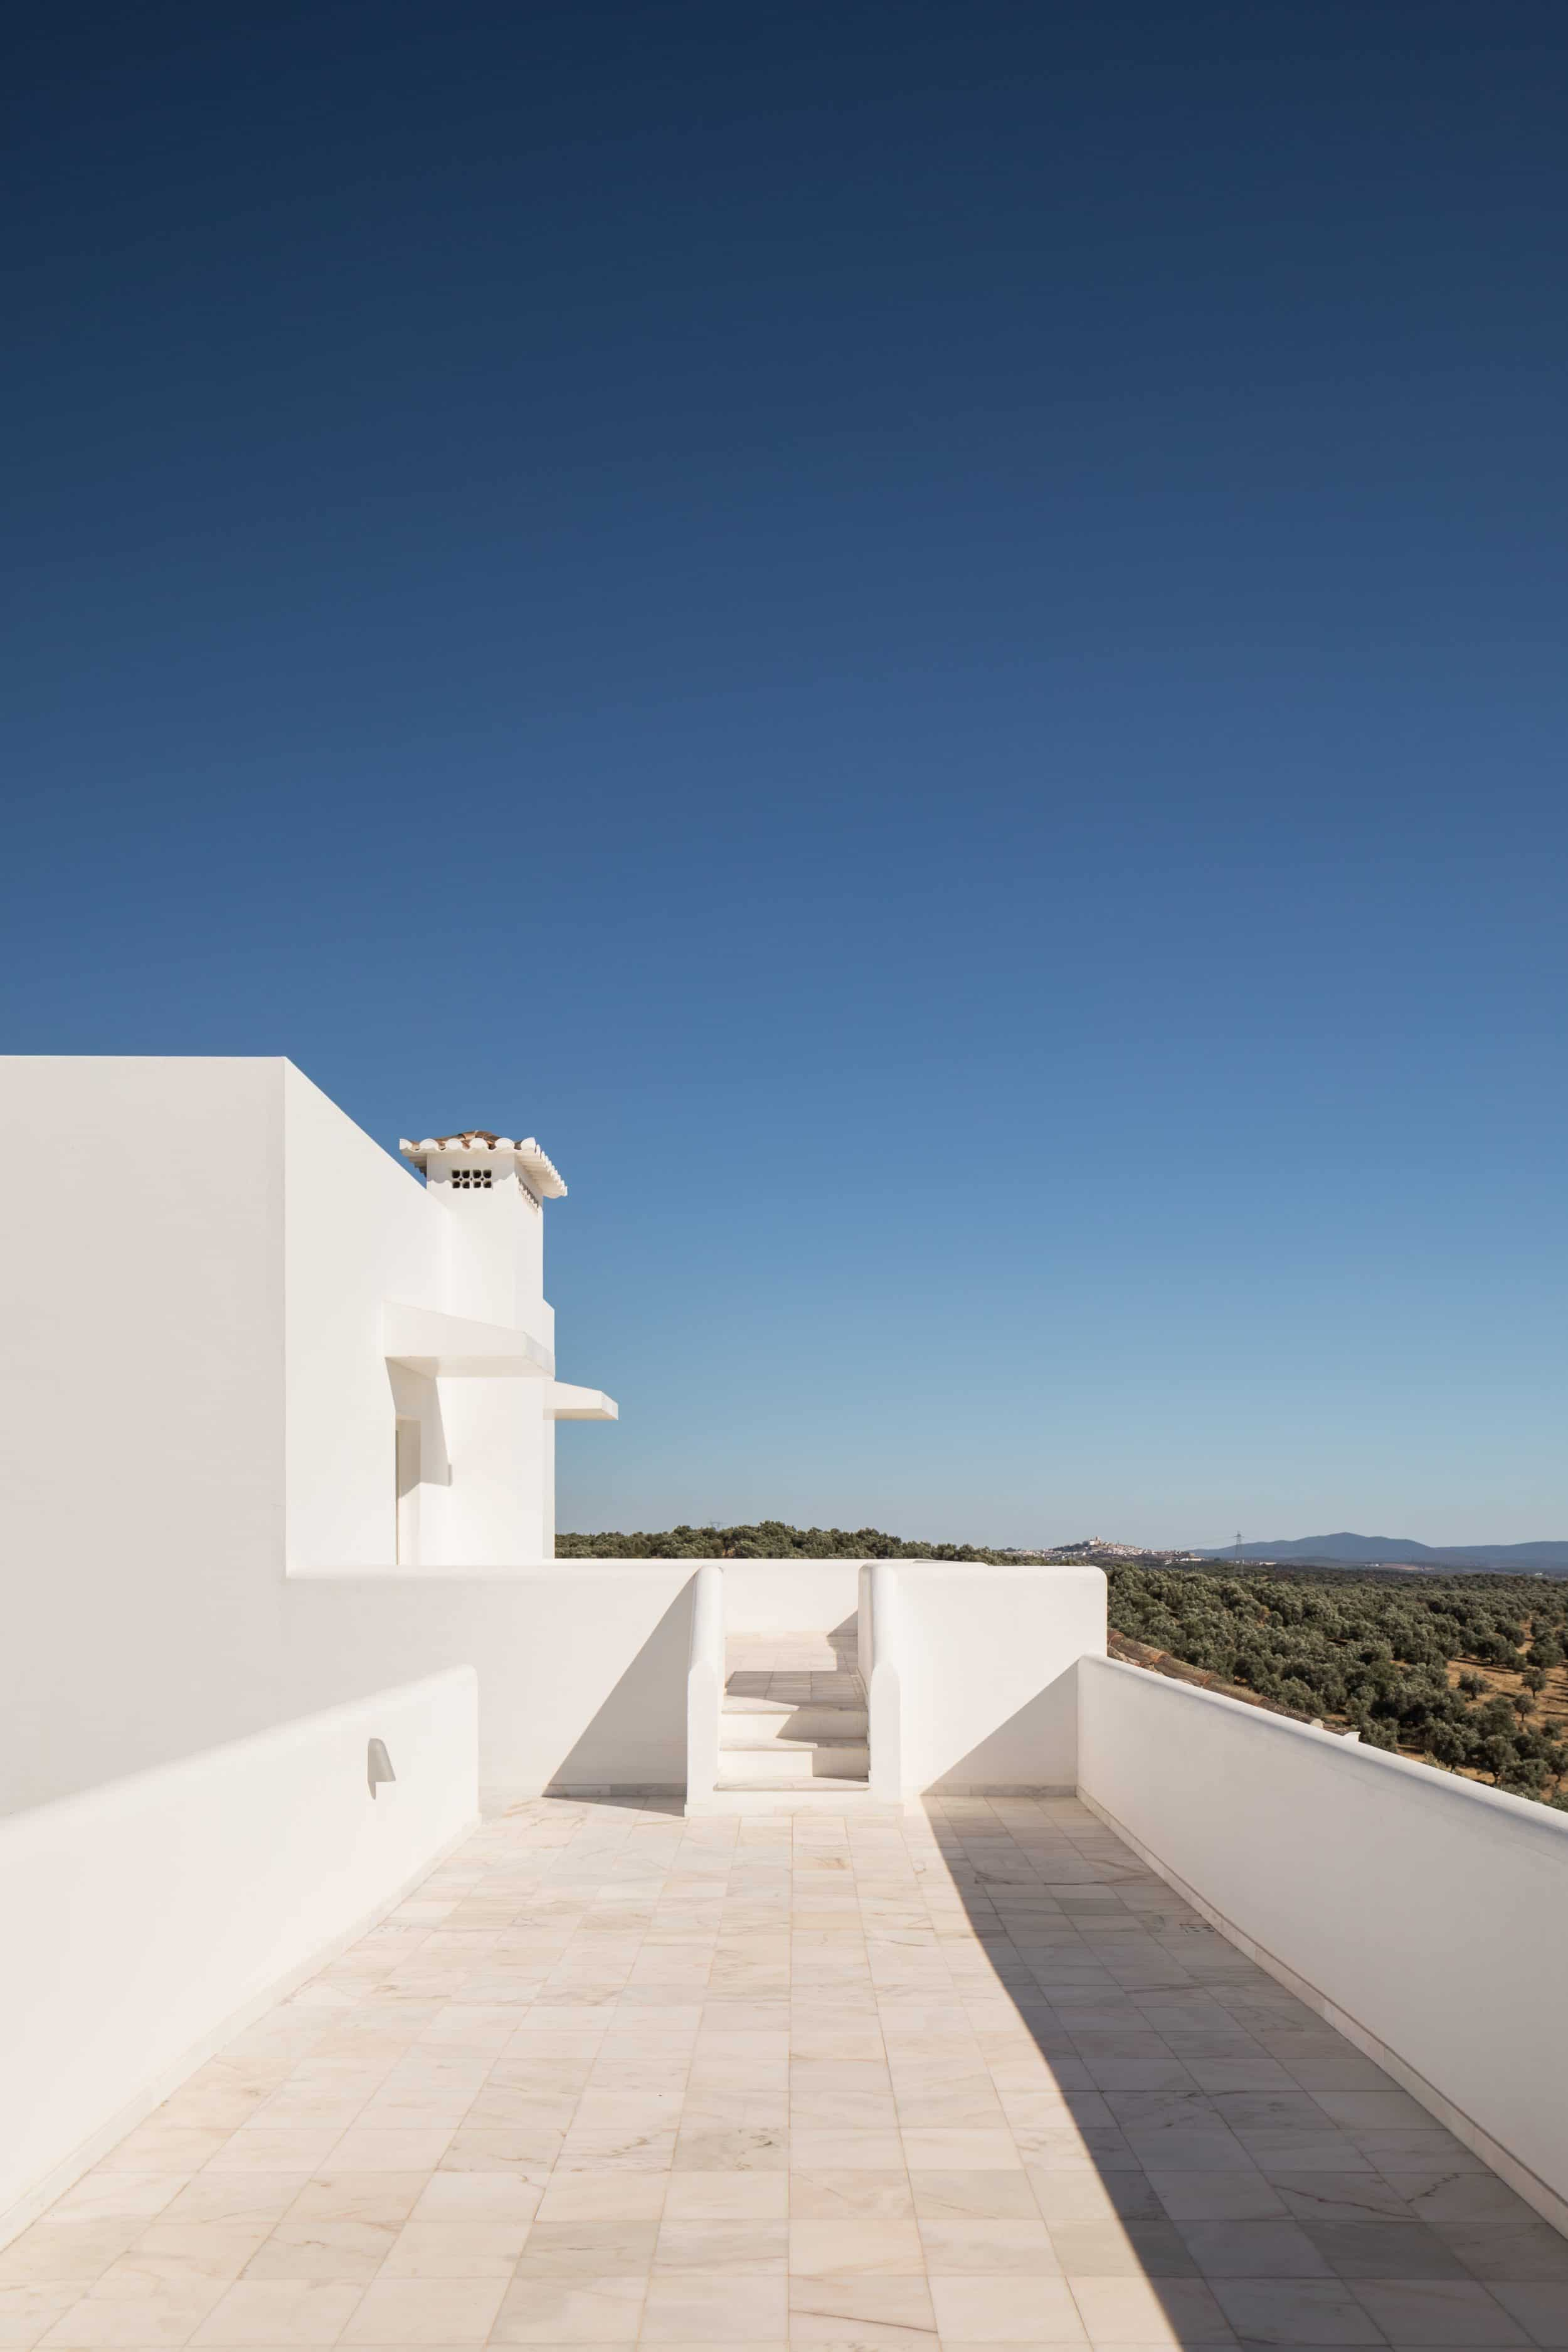 Dalicenca home architecture